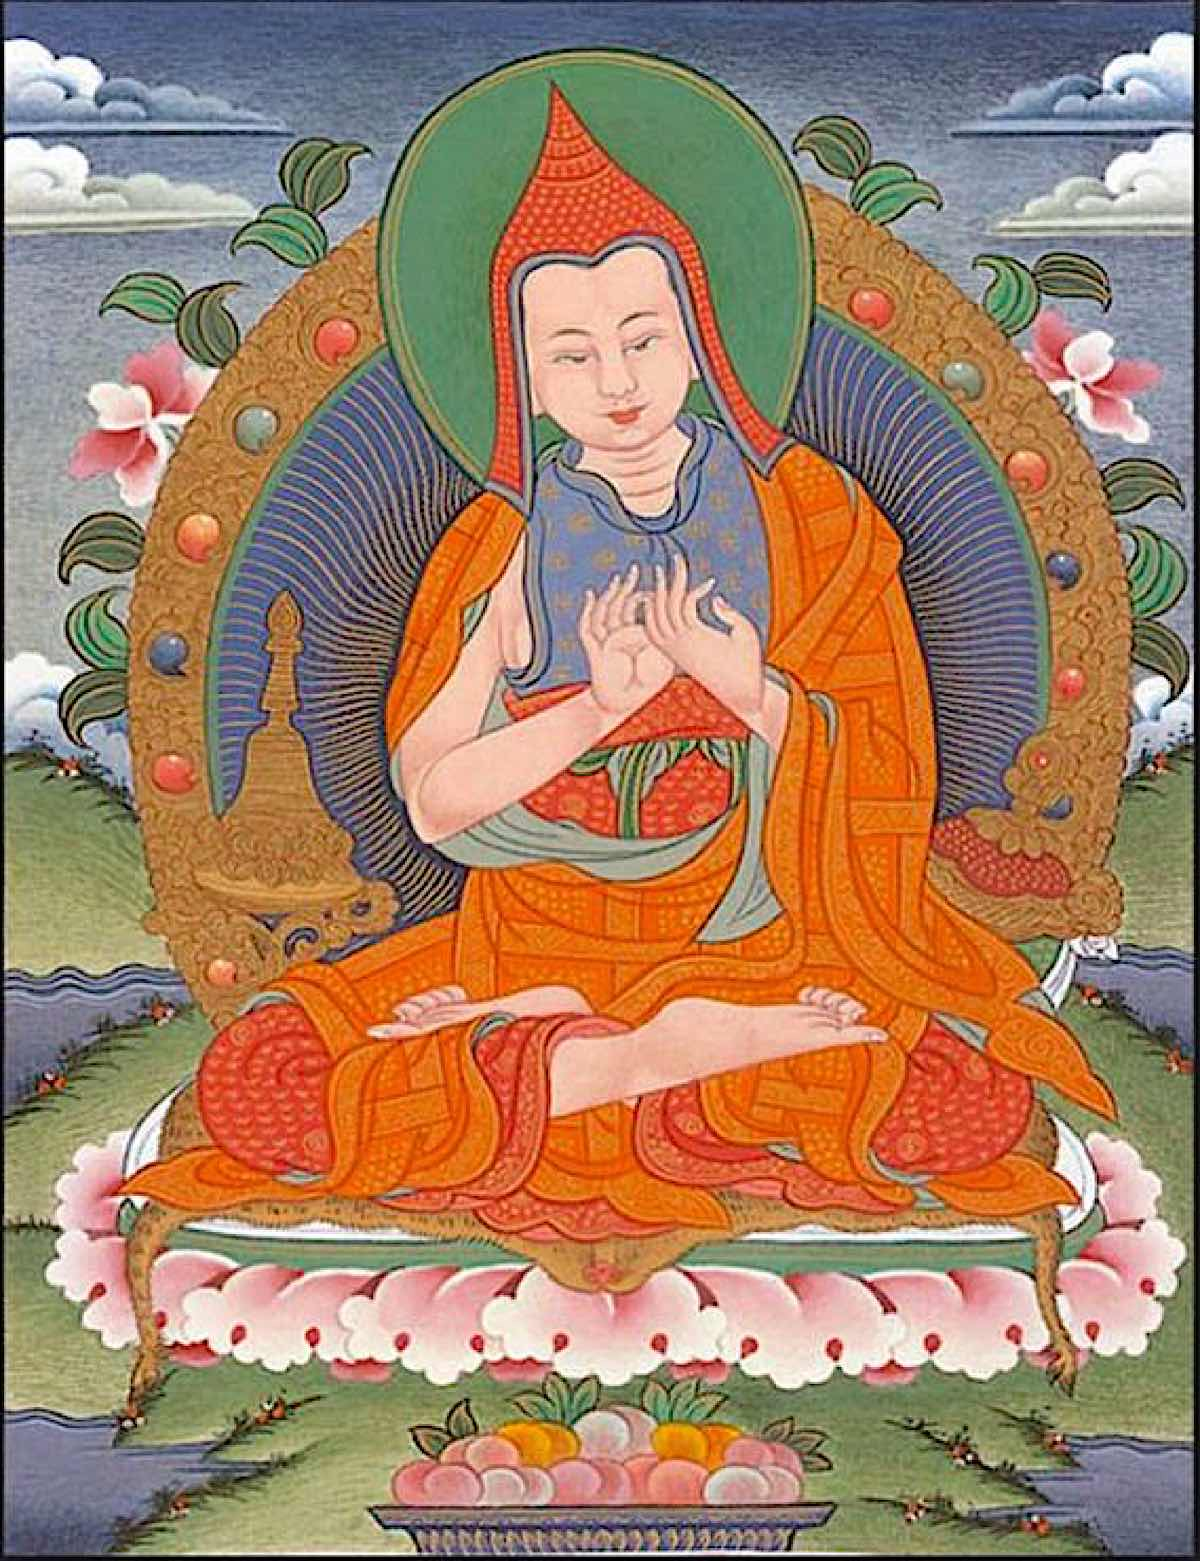 Buddha Weekly Great Atisha who taught Lamrim Buddhism